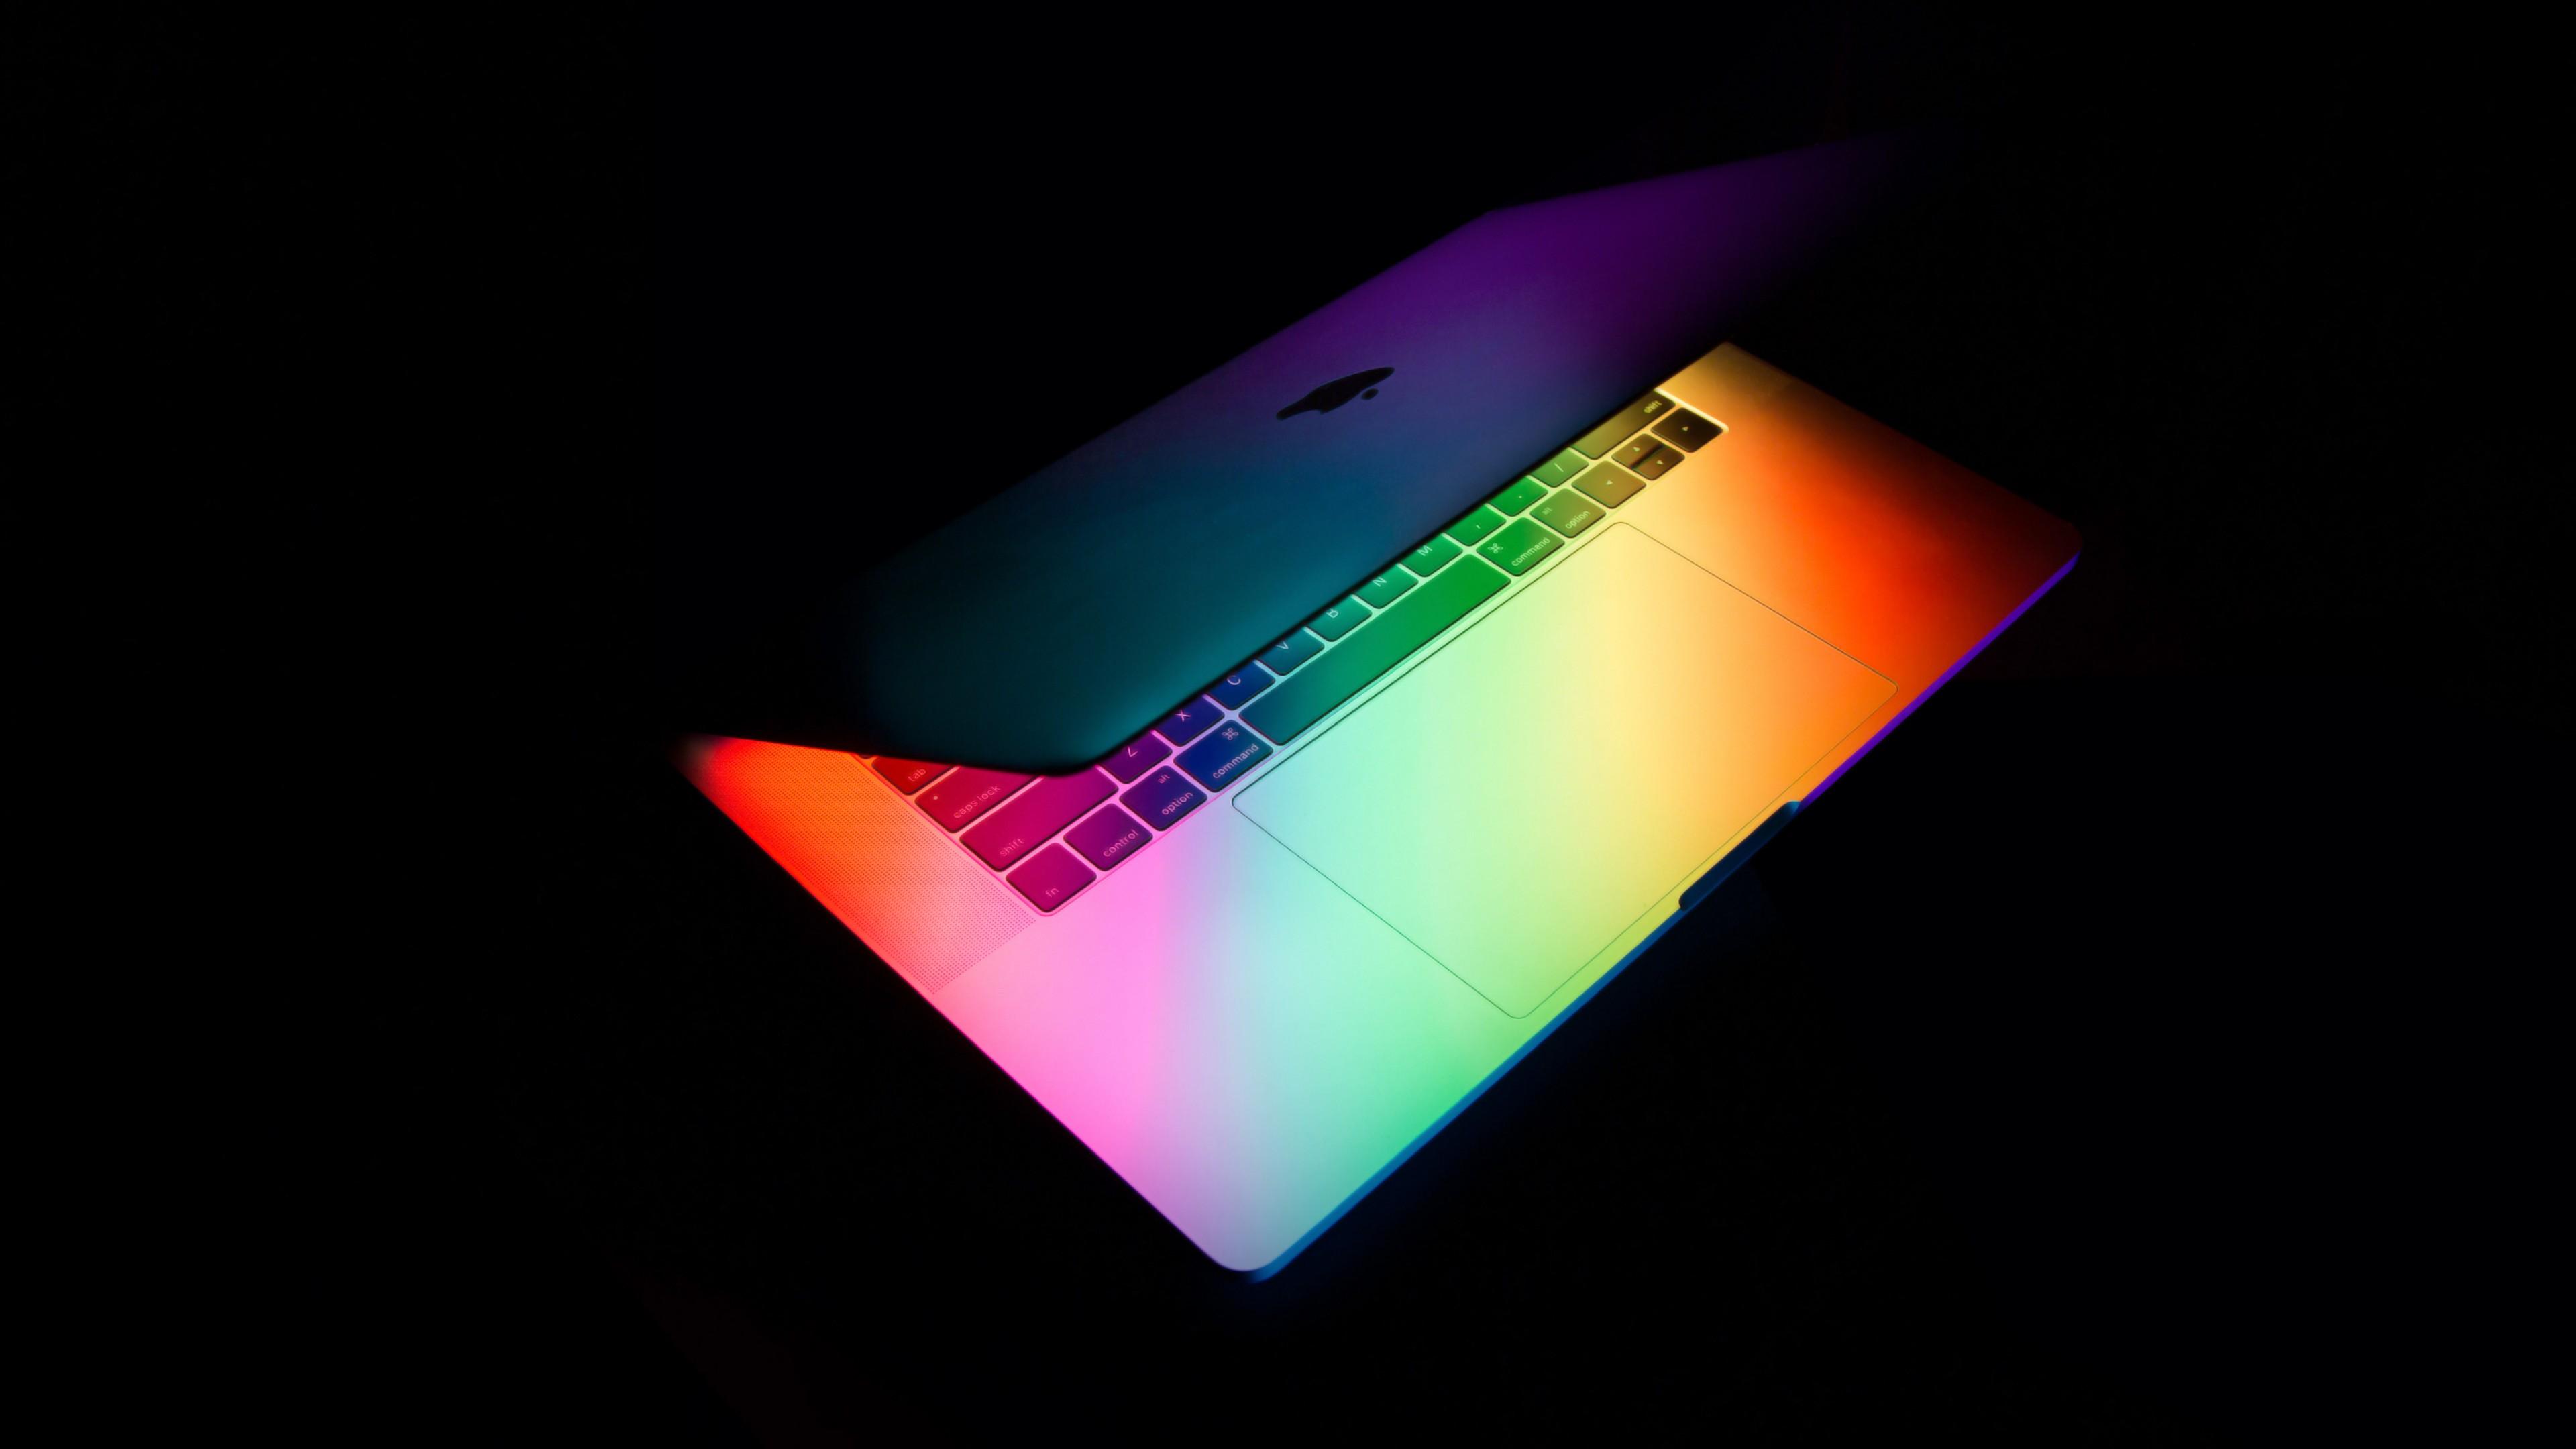 Viber download for macbook air